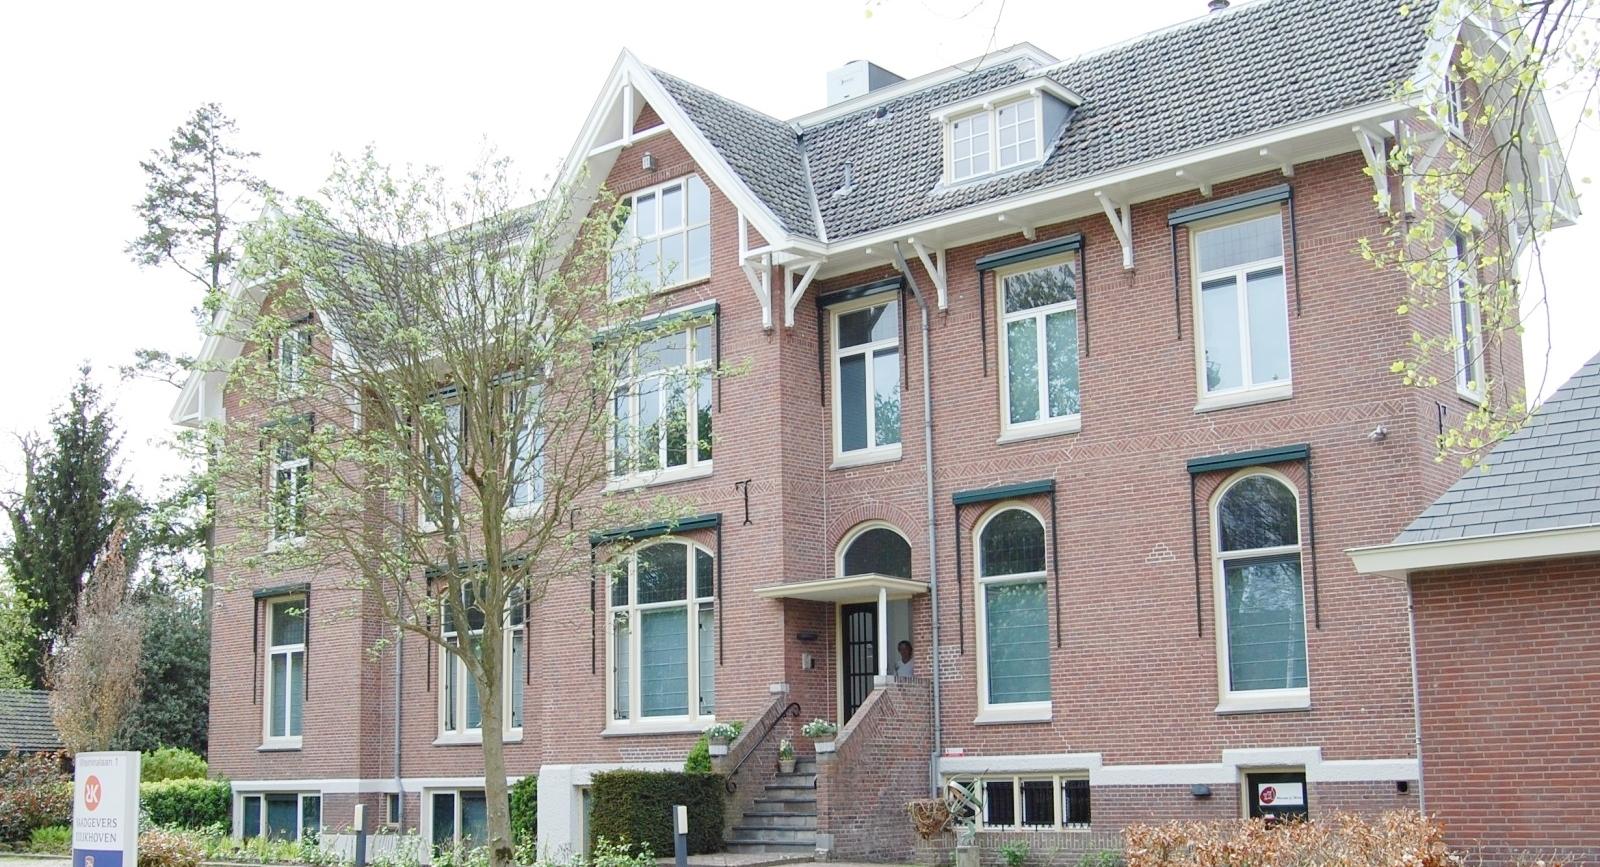 Kantoor Libero Consult - Ons kantoor is in De Bilt, centraal gelegen in Nederland. Hier of bij u thuis kan er een kennismaking of een adviesgesprek gehouden worden.